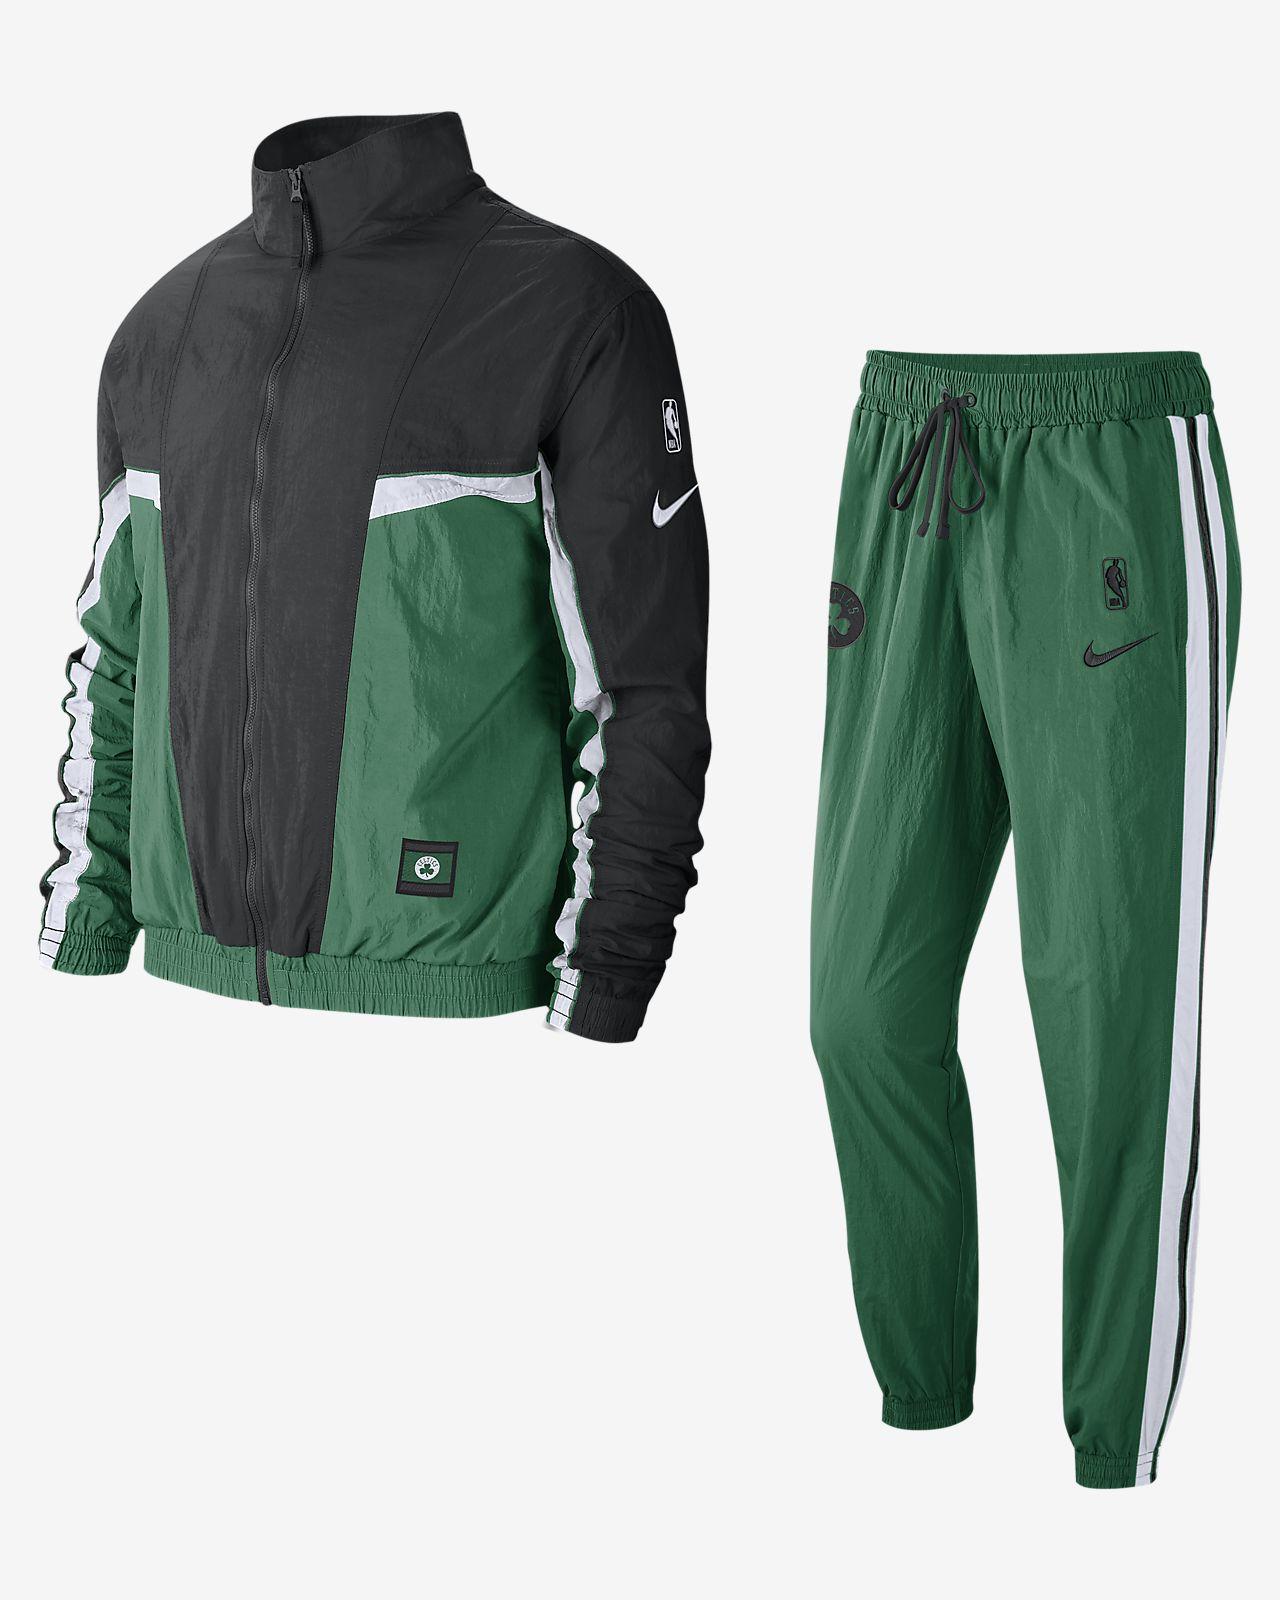 Pánská tepláková souprava NBA Boston Celtics Nike